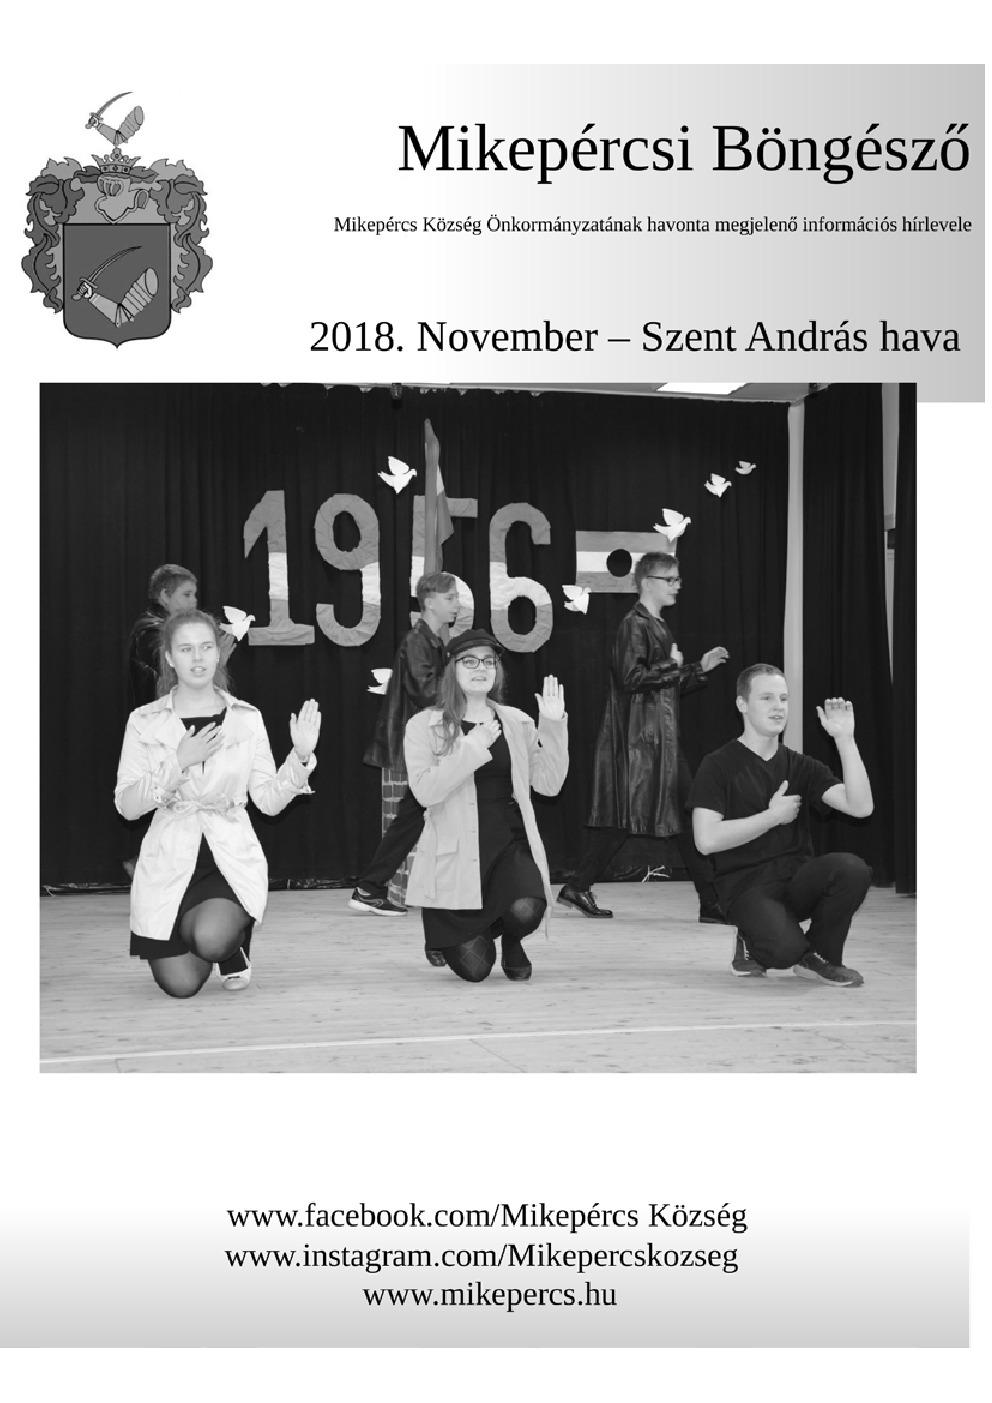 Mikepércsi Böngésző 2018. November